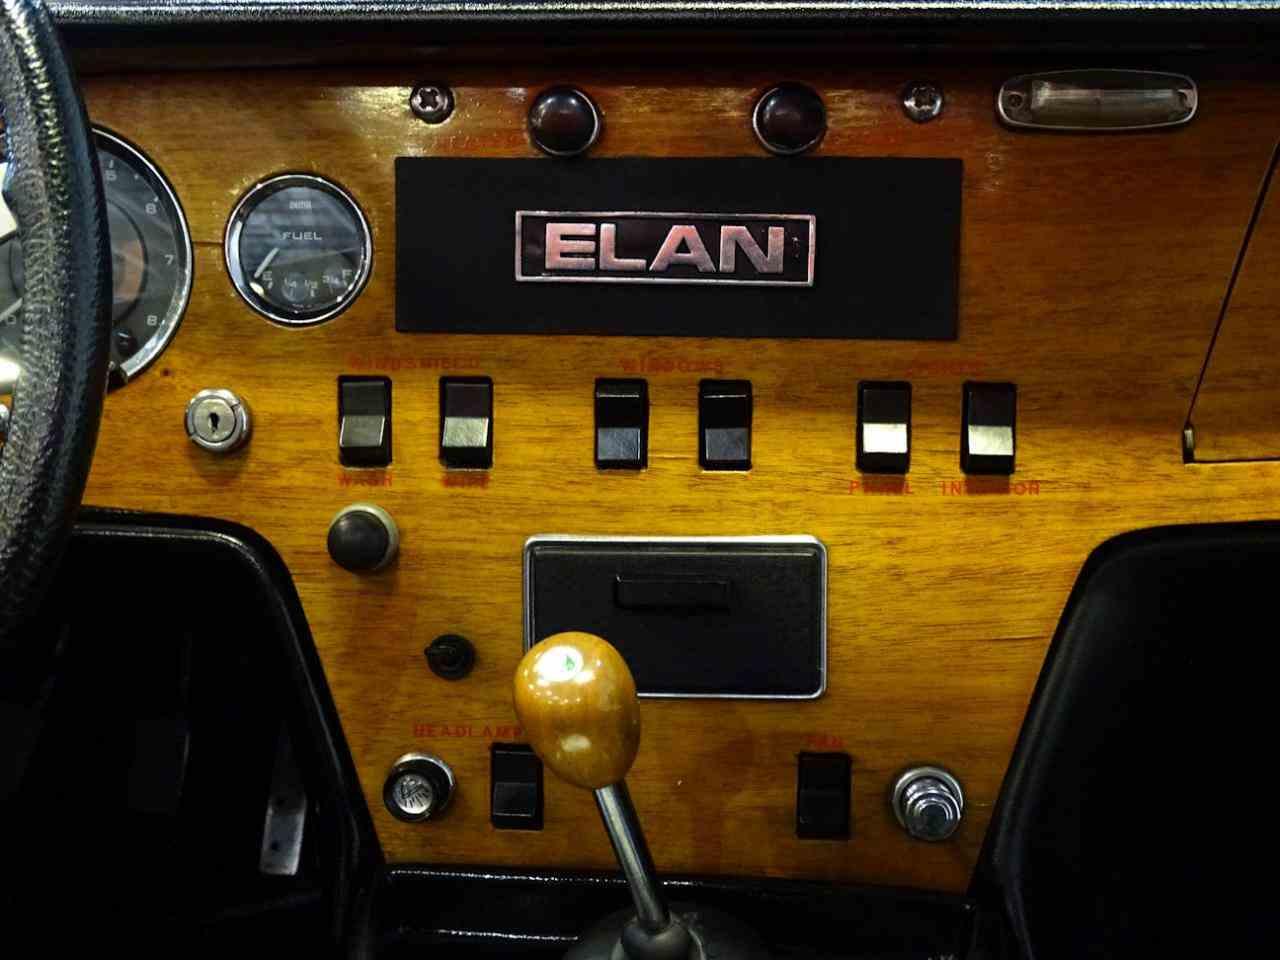 Large Picture of '69 Elan - LAOH